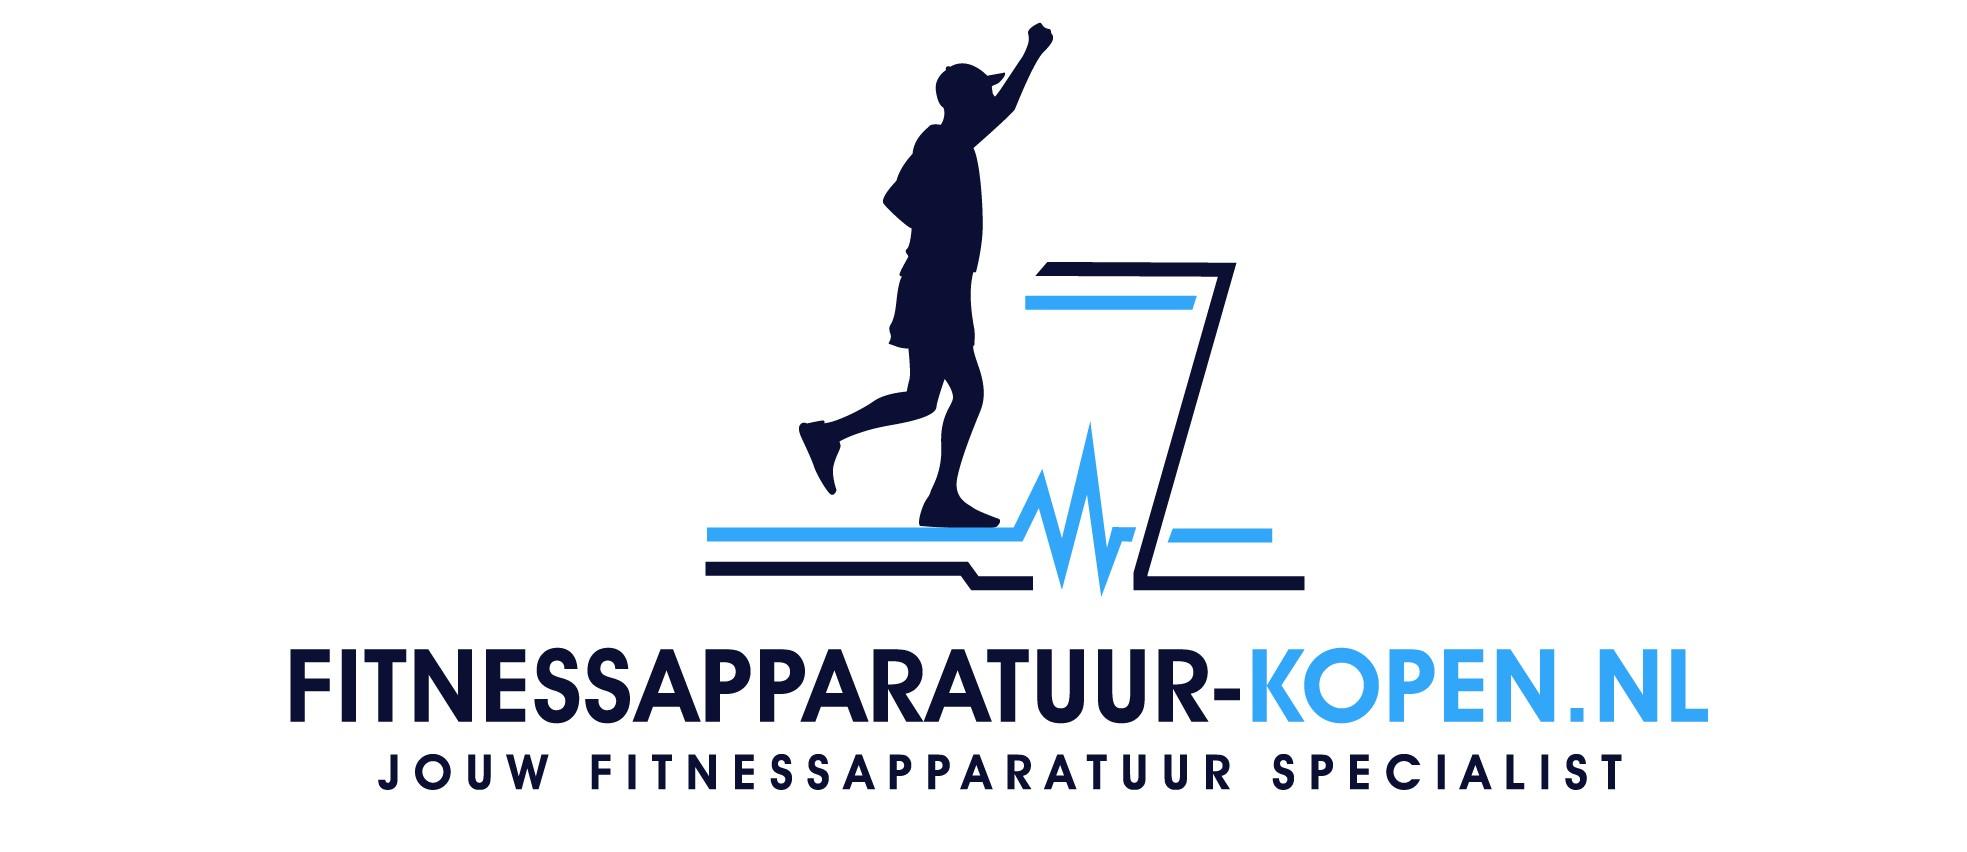 Fitnessapparatuur-kopen.nl